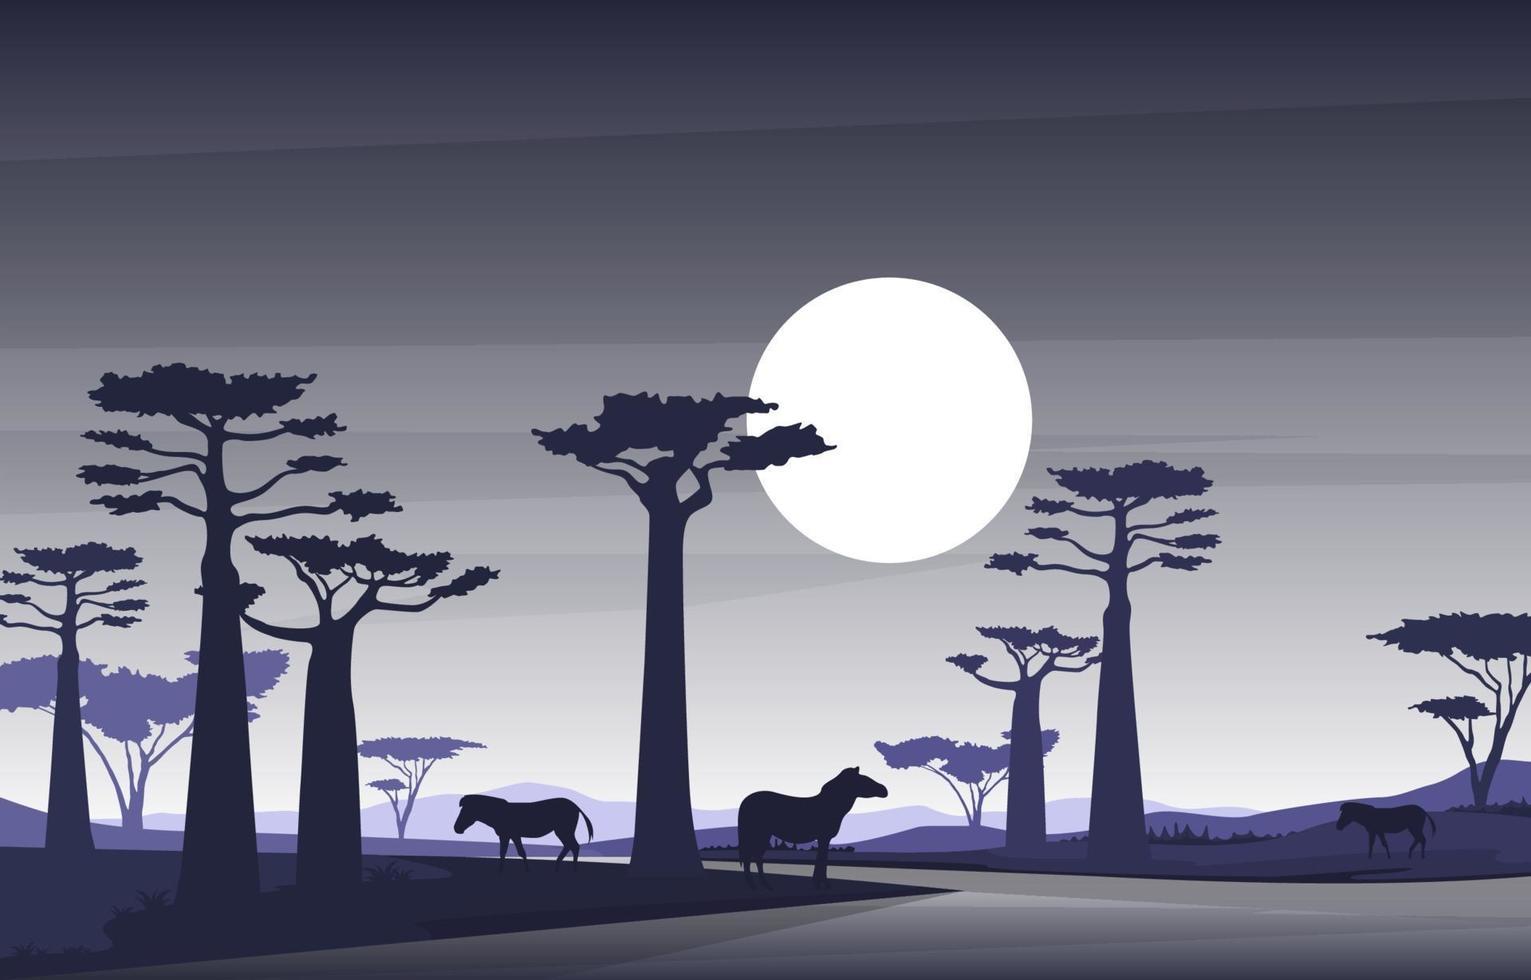 zebre nella savana africana con illustrazione di alberi di baobab vettore